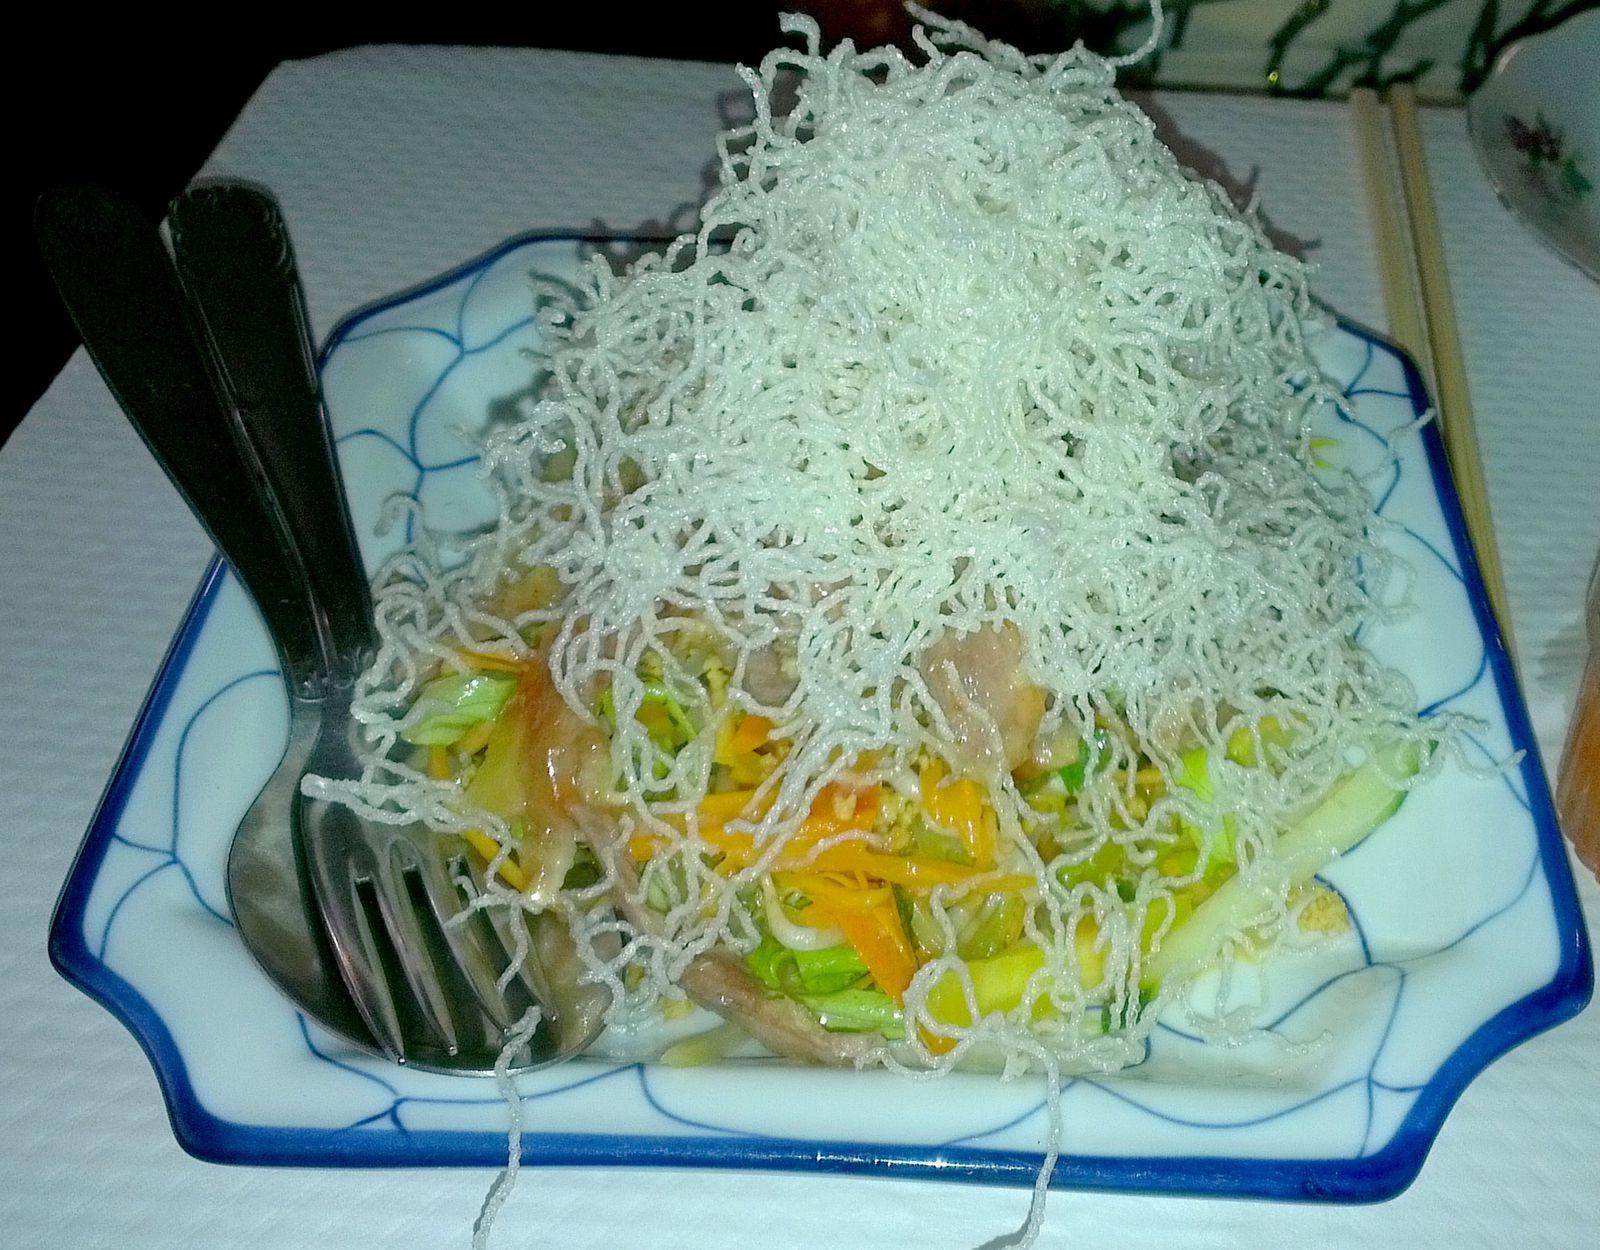 Bo bun (entrée), Seiches caramélisées au gigembre et riz gluant, Salade de canard sauce tamarin, Porc aux haricots noirs